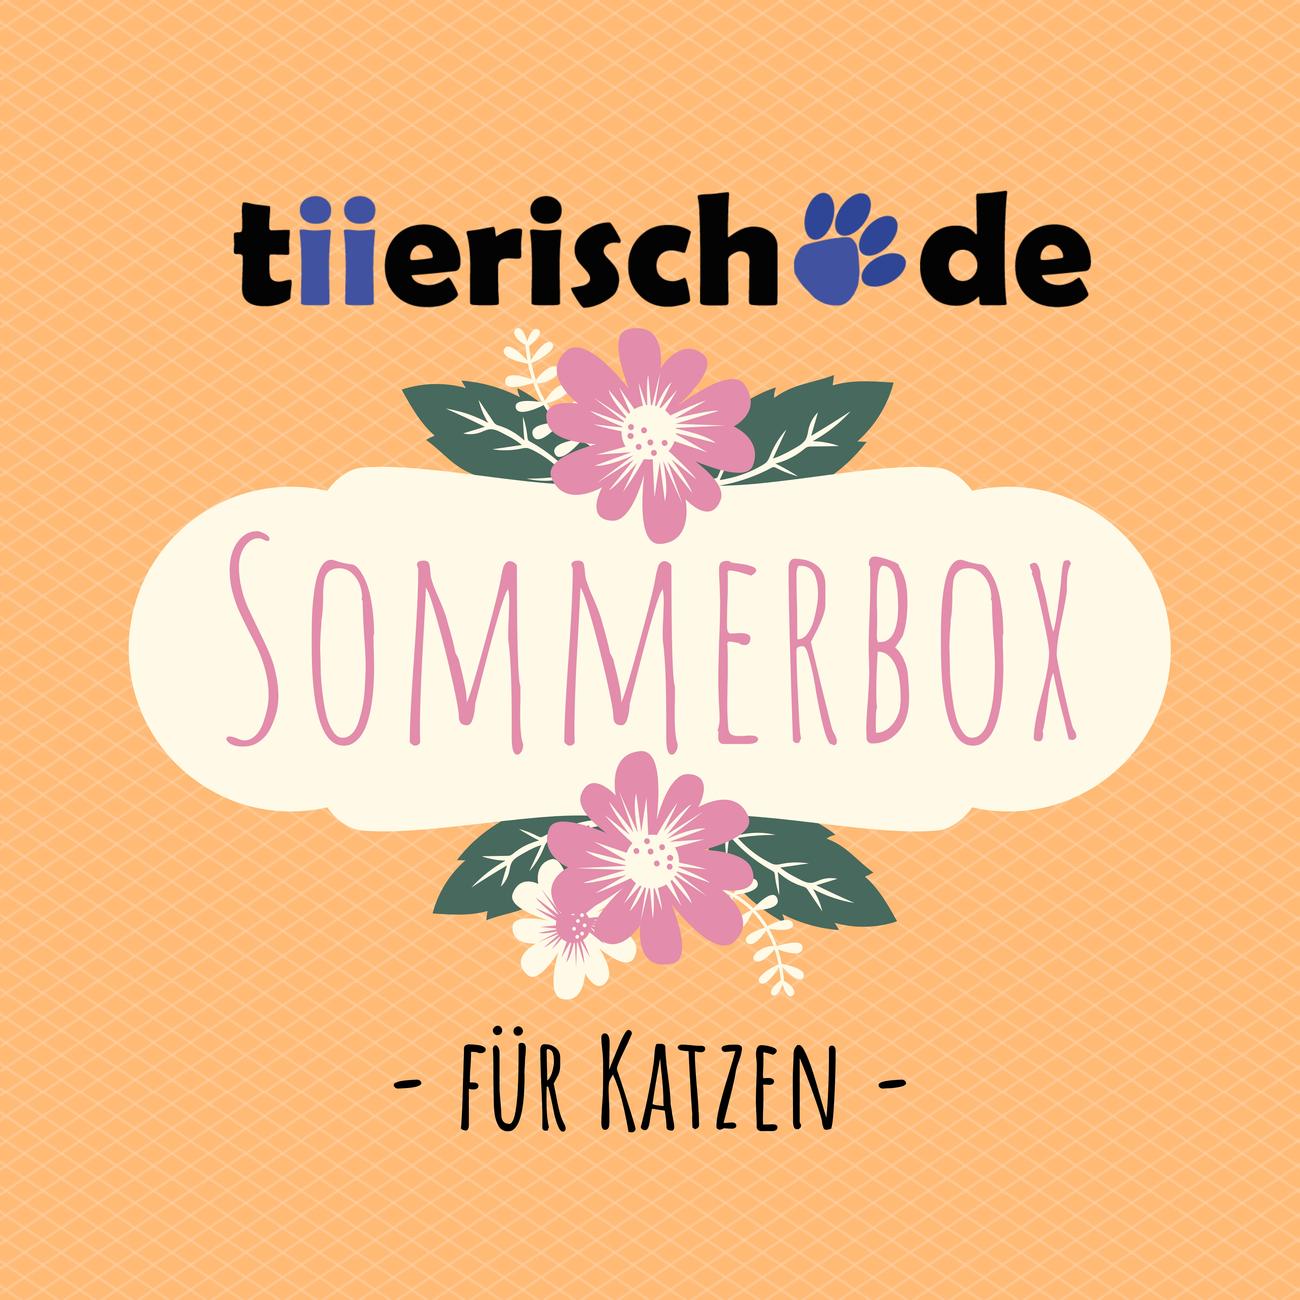 tiierisch.de Die Sommerbox für Katzen